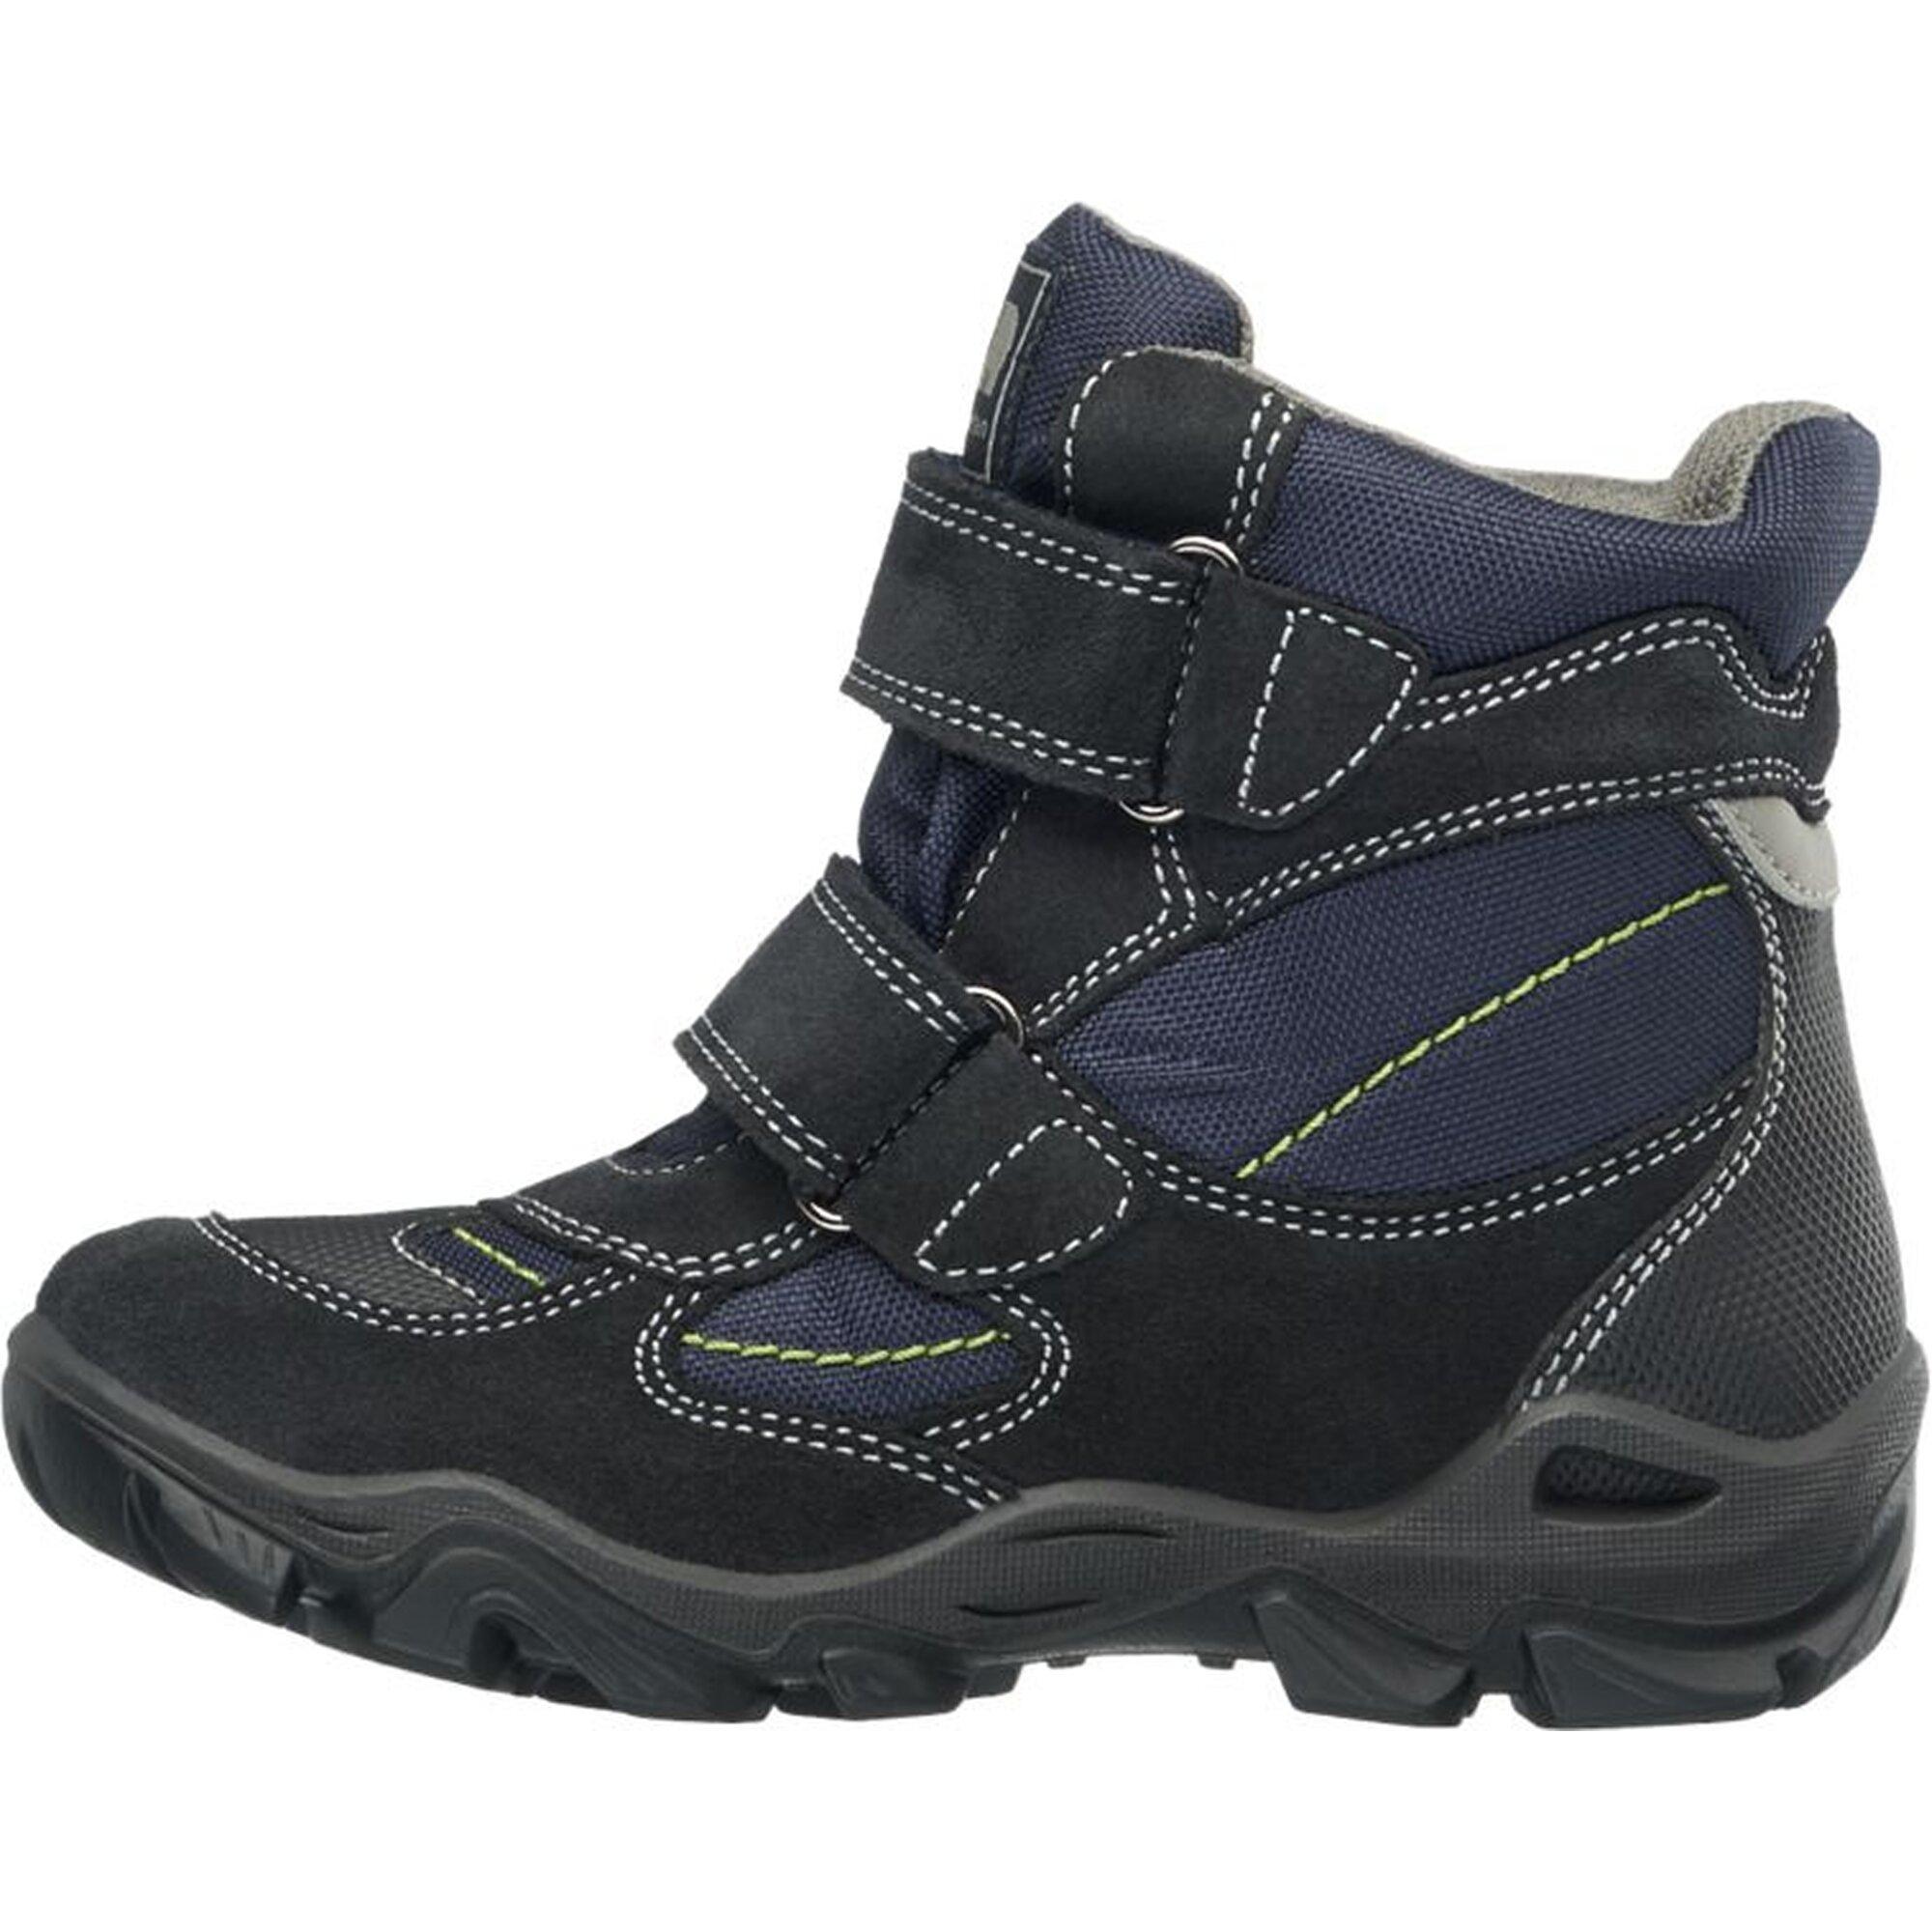 elefanten-boots-weite-m-iv-schwarz-26-27-28-29-30